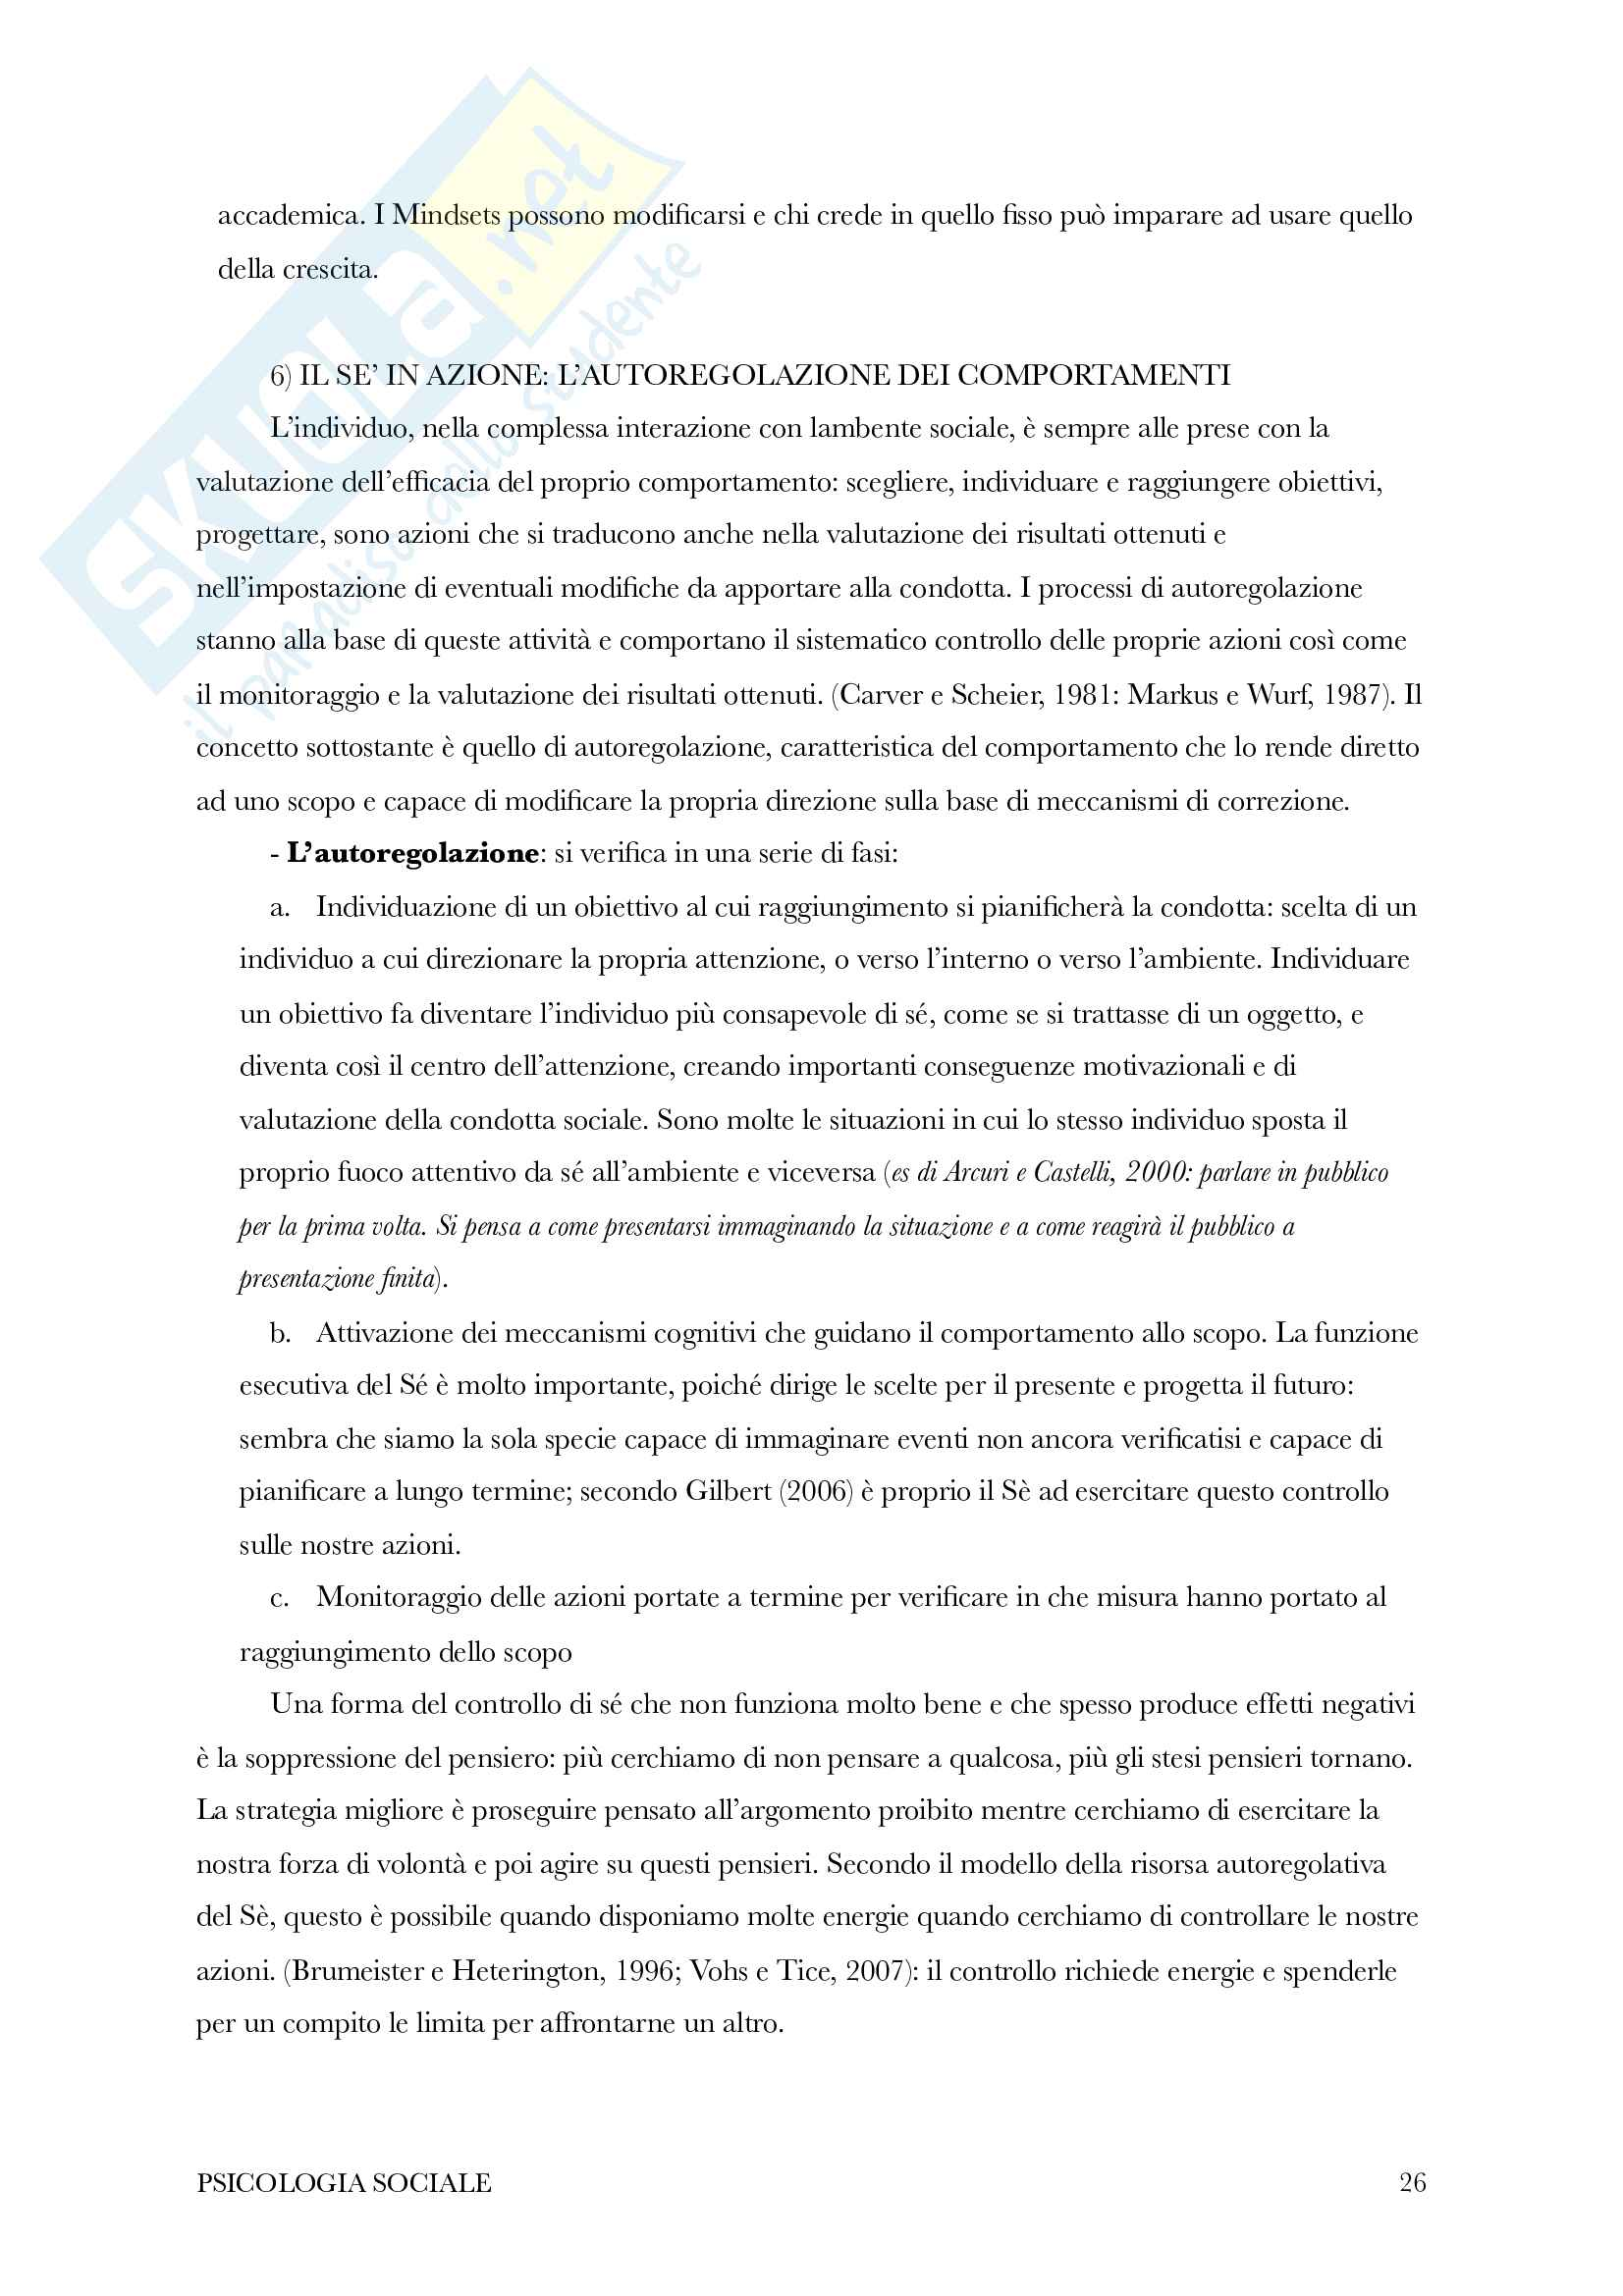 Riassunto di psicologia sociale Pag. 26